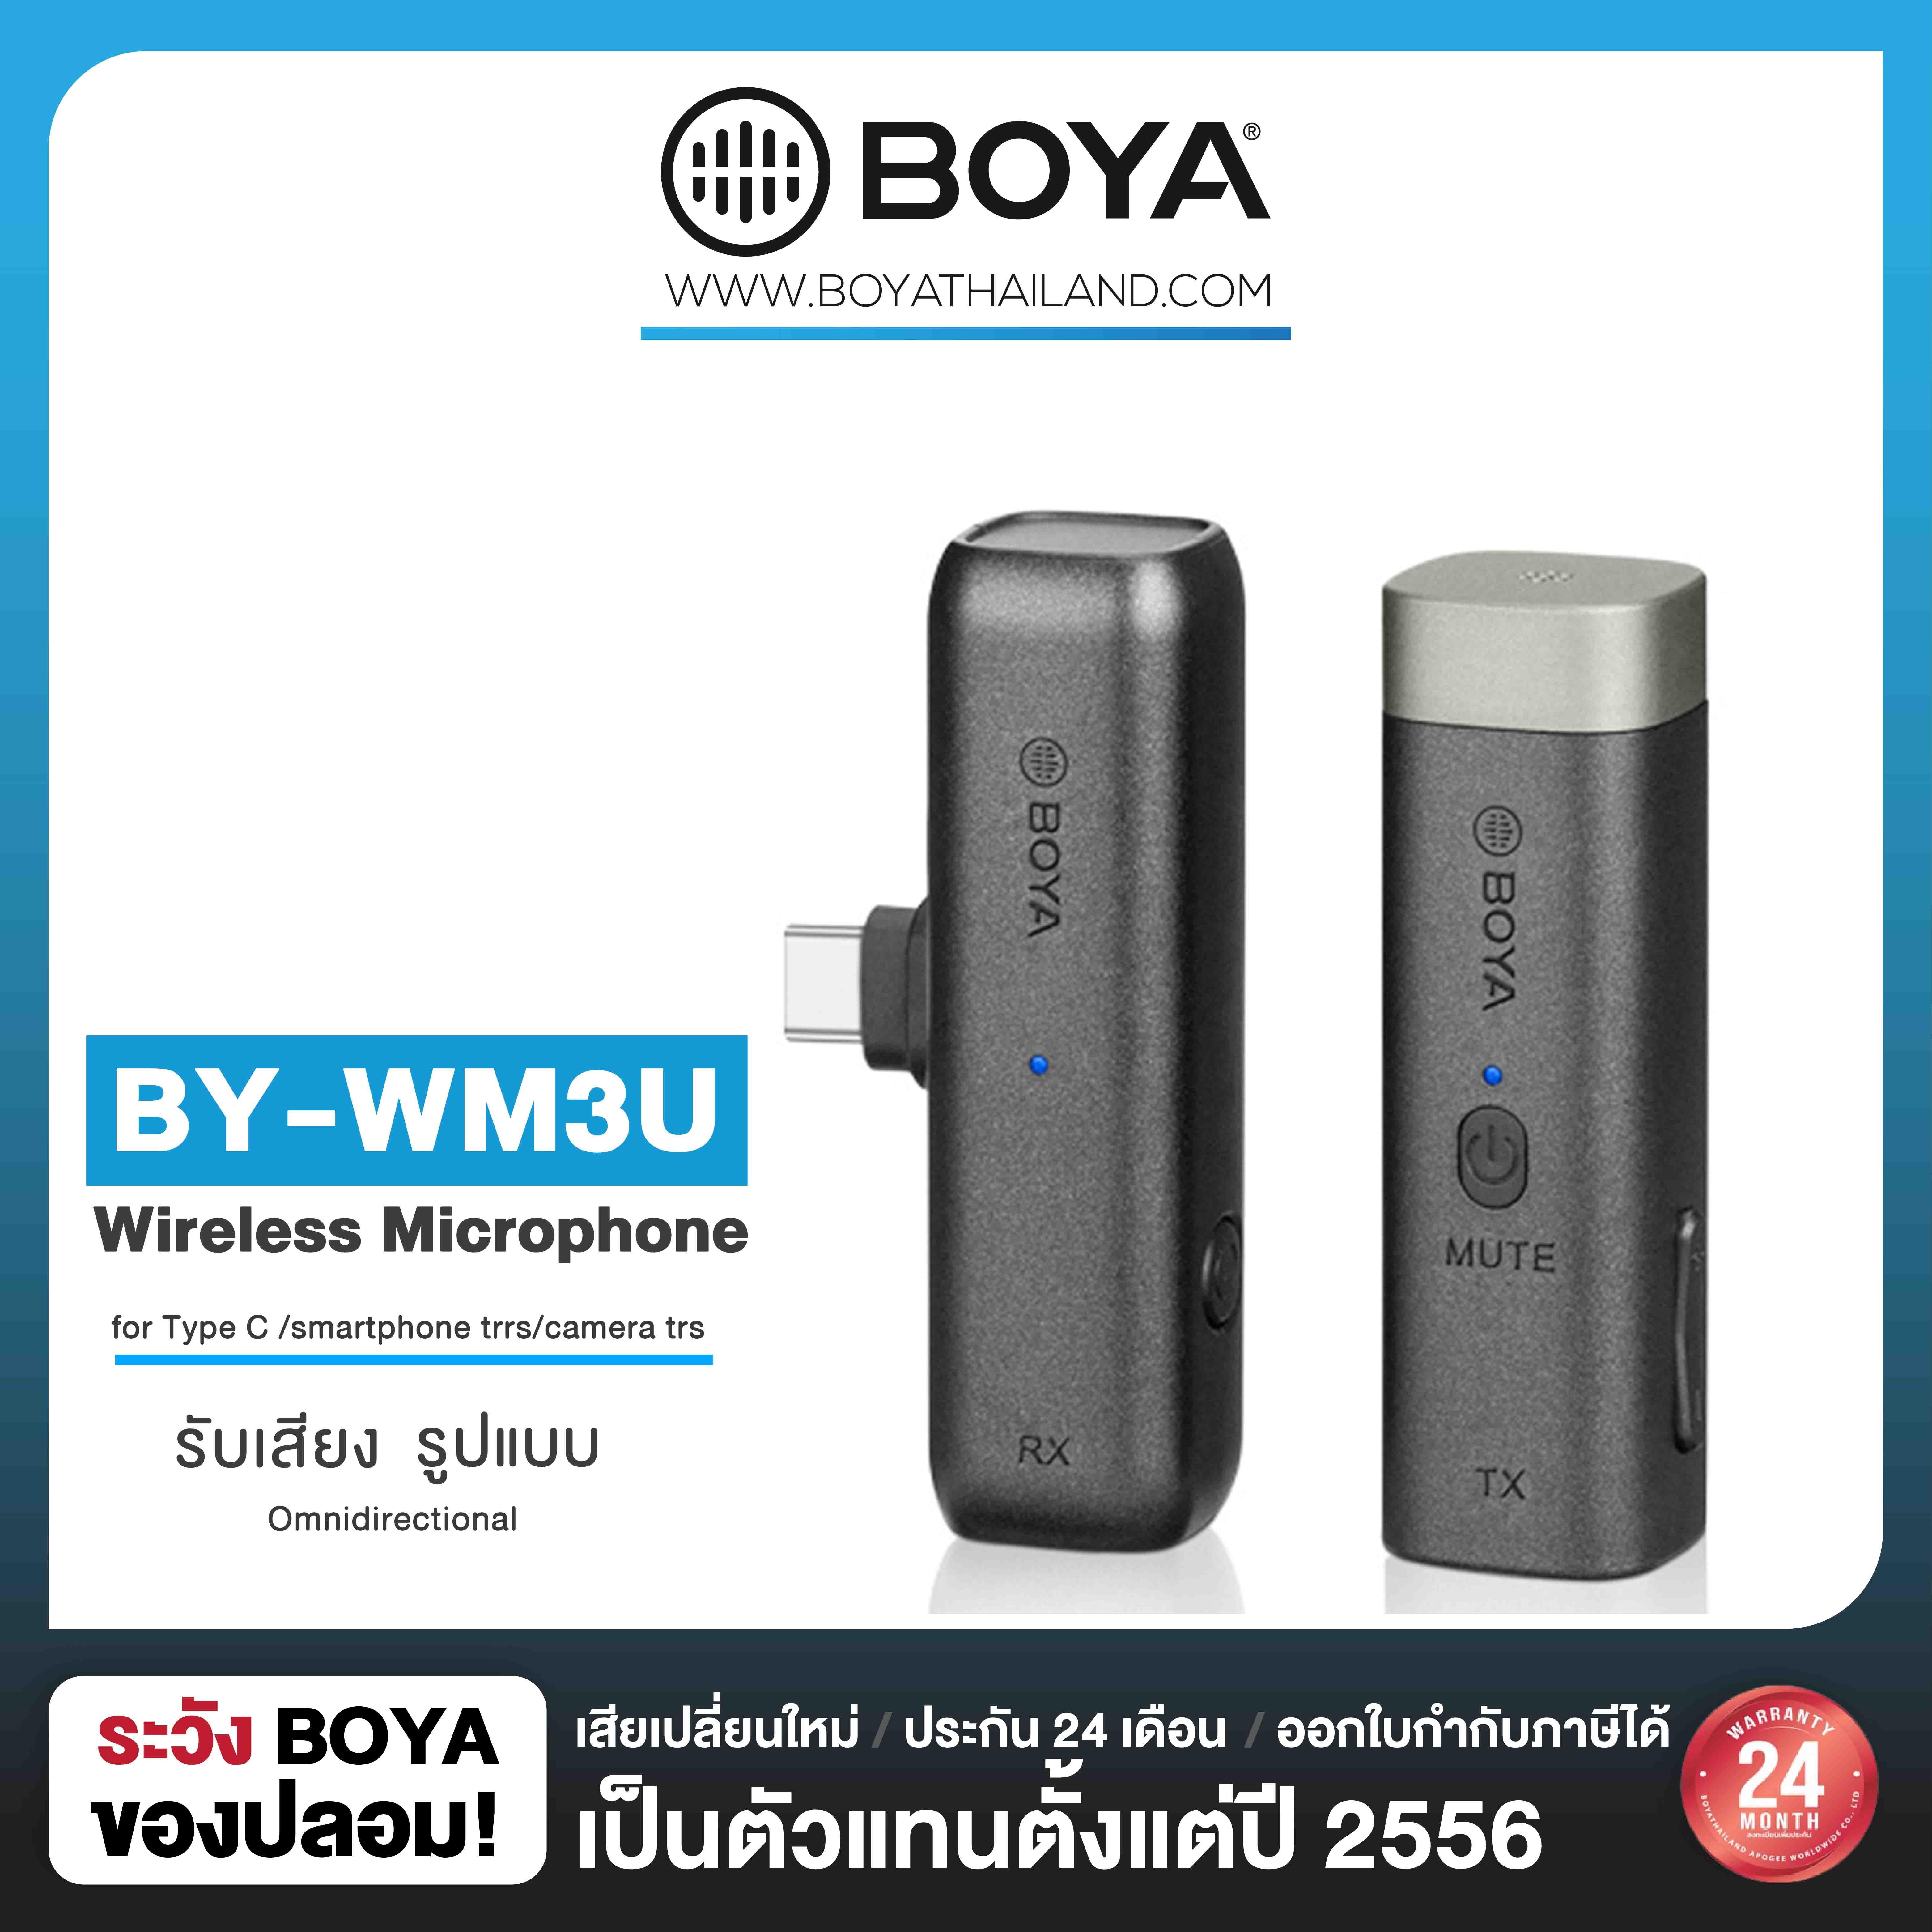 BOYA BY-WM3U 2.4GHz Wireless Microphone